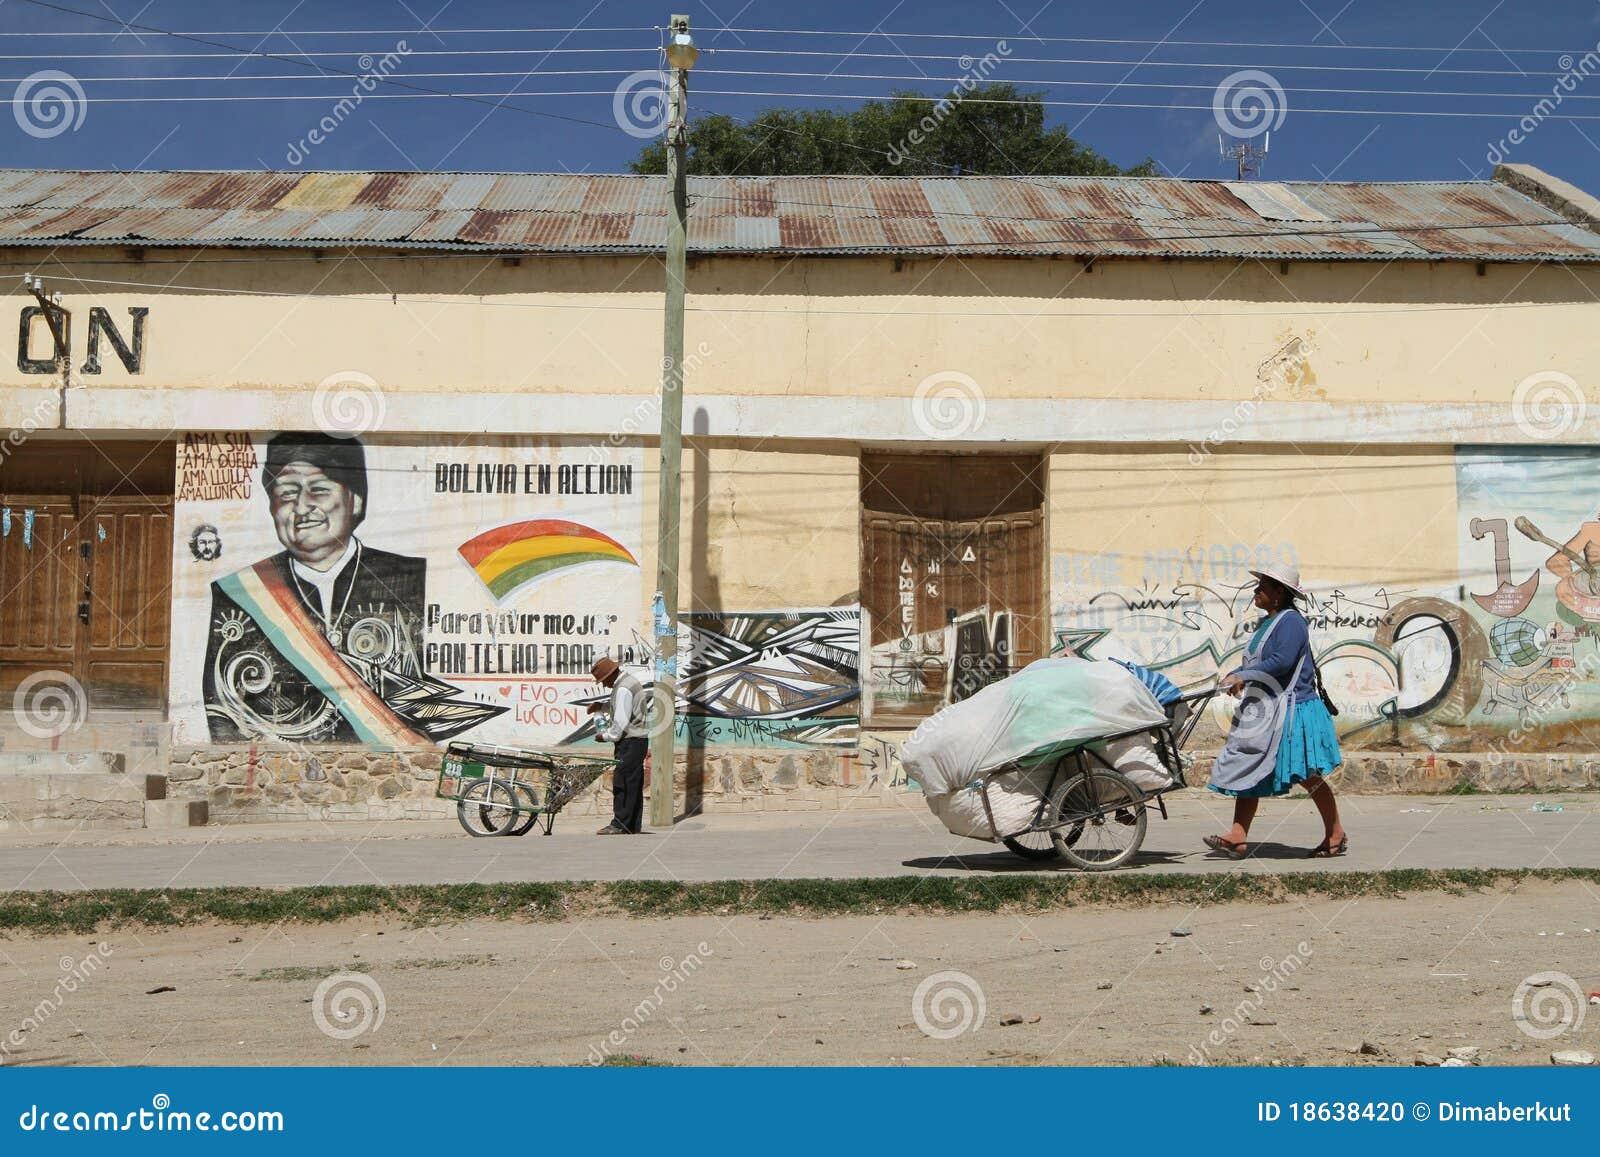 Argentina-Bolivian border